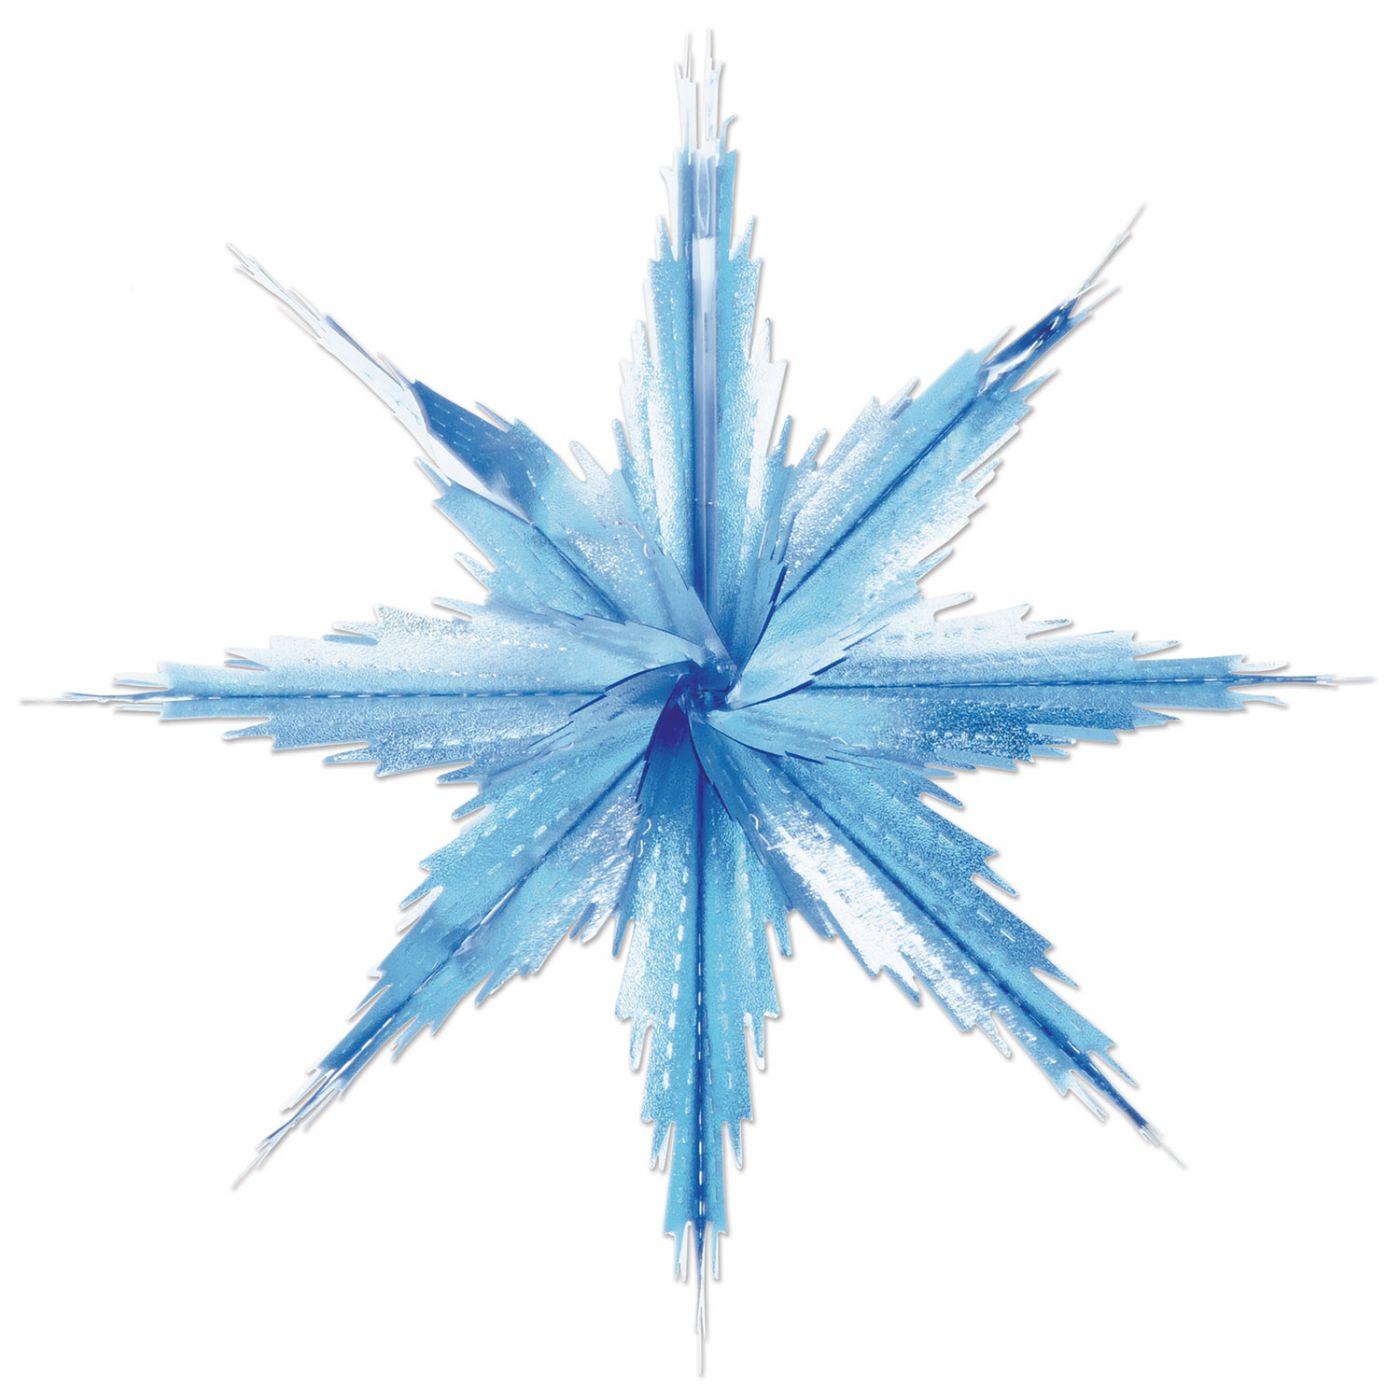 Image of 2-Tone Metallic Snowflakes